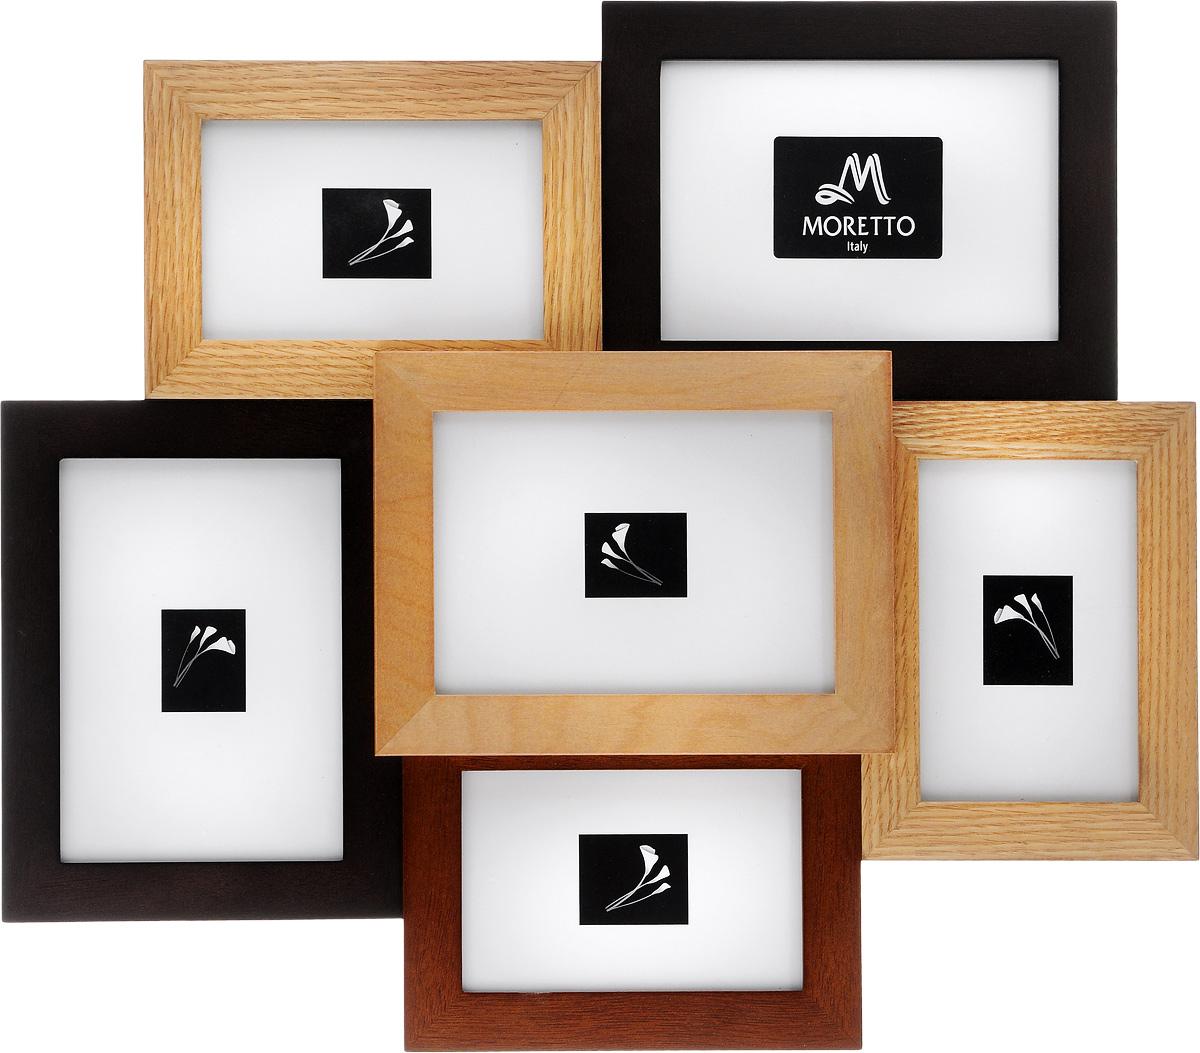 Фоторамка Moretto, на 6 фото238008Фоторамка Moretto отлично дополнит интерьер помещения и поможет сохранить на память ваши любимые фотографии. Фоторамка выполнена из дерева и представляет собой коллаж из 6 прямоугольных рамочек с вертикальным и горизонтальным расположением фотографий. Изделие подвешивается к стене. Такая рамка позволит сохранить на память изображения дорогих вам людей и интересных событий вашей жизни, а также станет приятным подарком для каждого. Размер рамок: - 3 фоторамки 25,7 х 16,9 см для фото 12 х 17 см, - 3 фоторамки 14,2 х 19,2 см для фото 10 х 15 см. Общий размер фоторамки: 51 х 44 см.